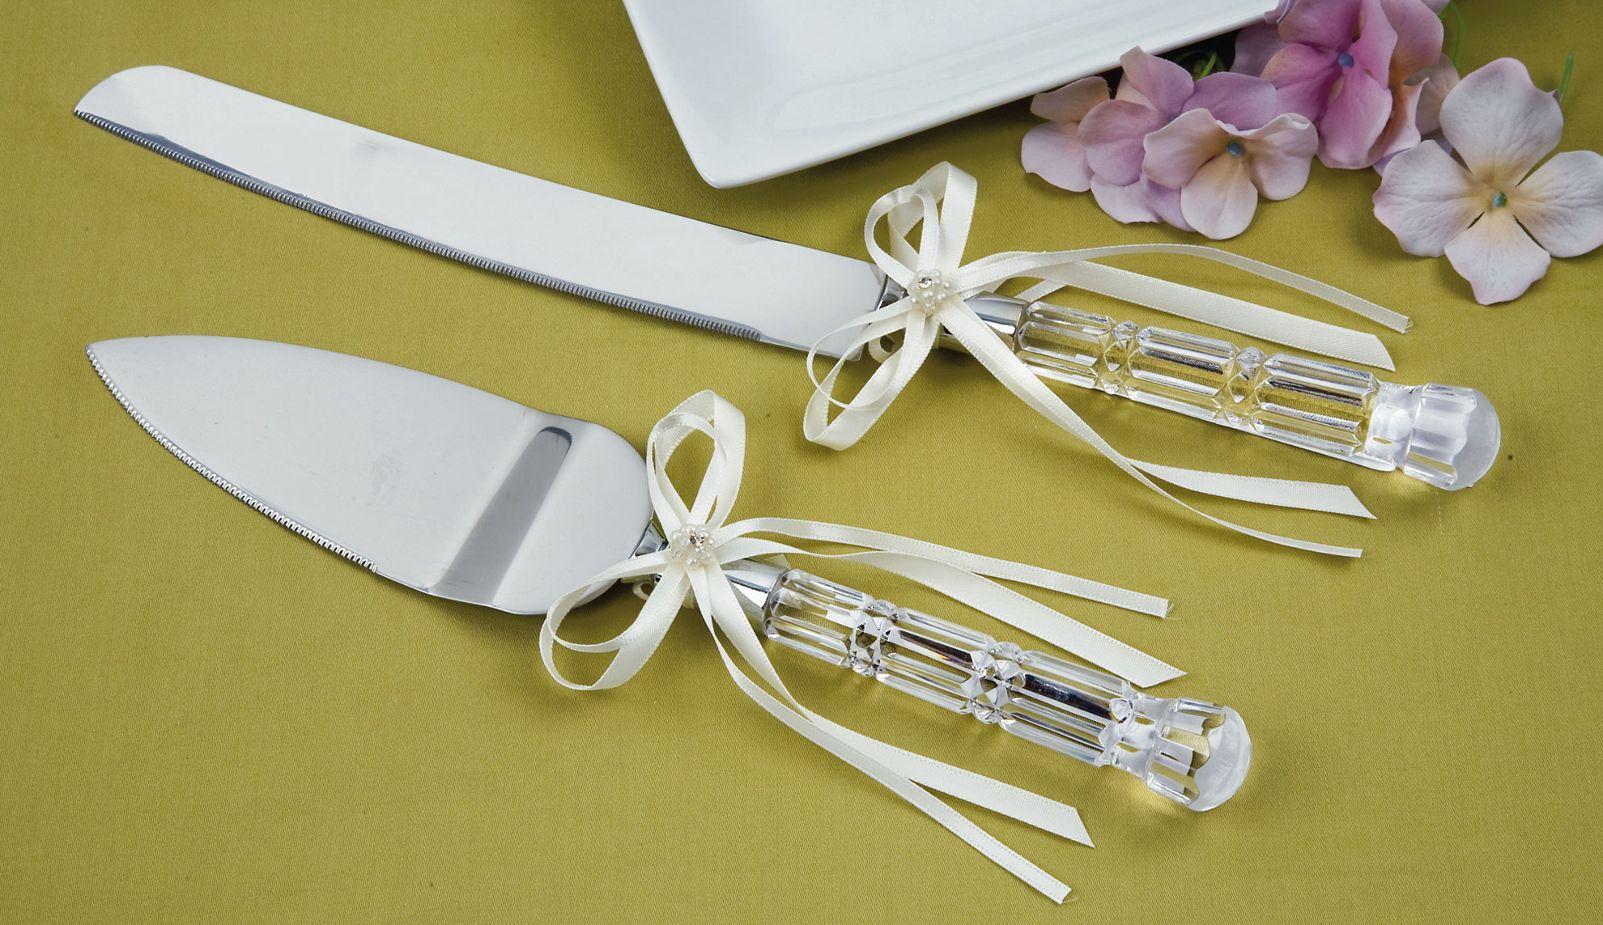 Engraved Silver Cake Knife Server Set Wedding Gifts